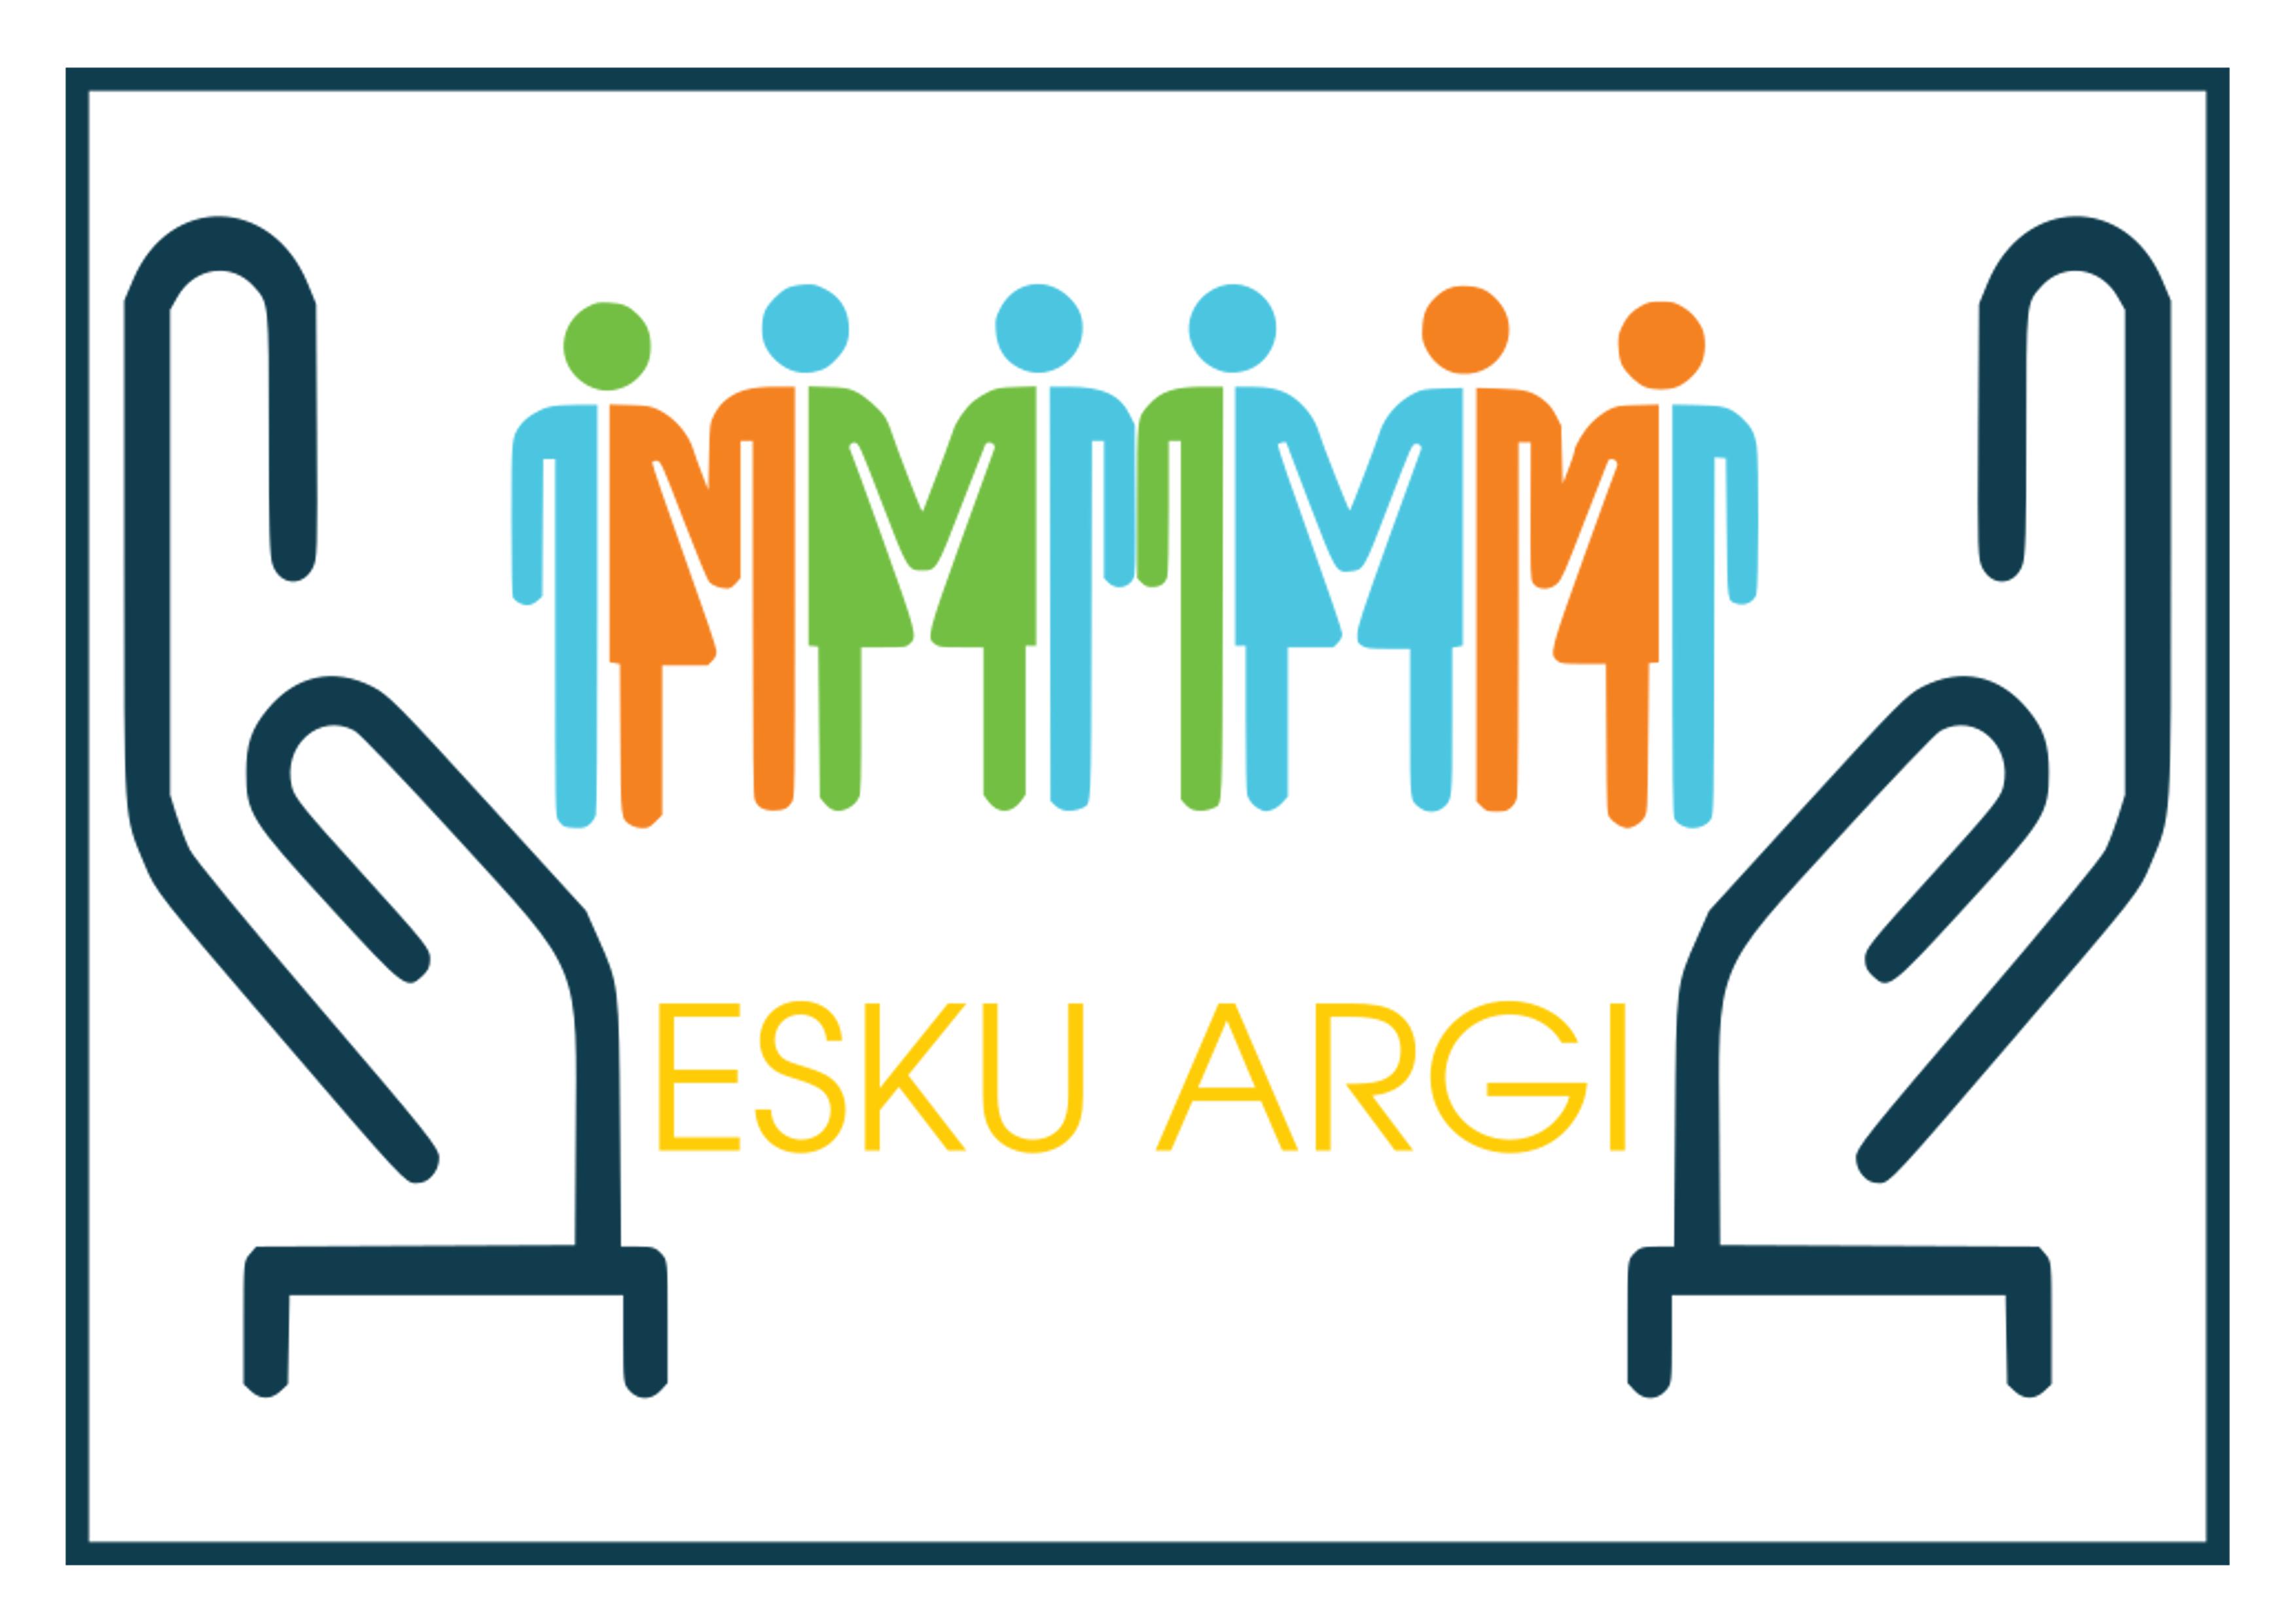 Esku Argi - ESS, Inclusión y Desarrollo Humano Local